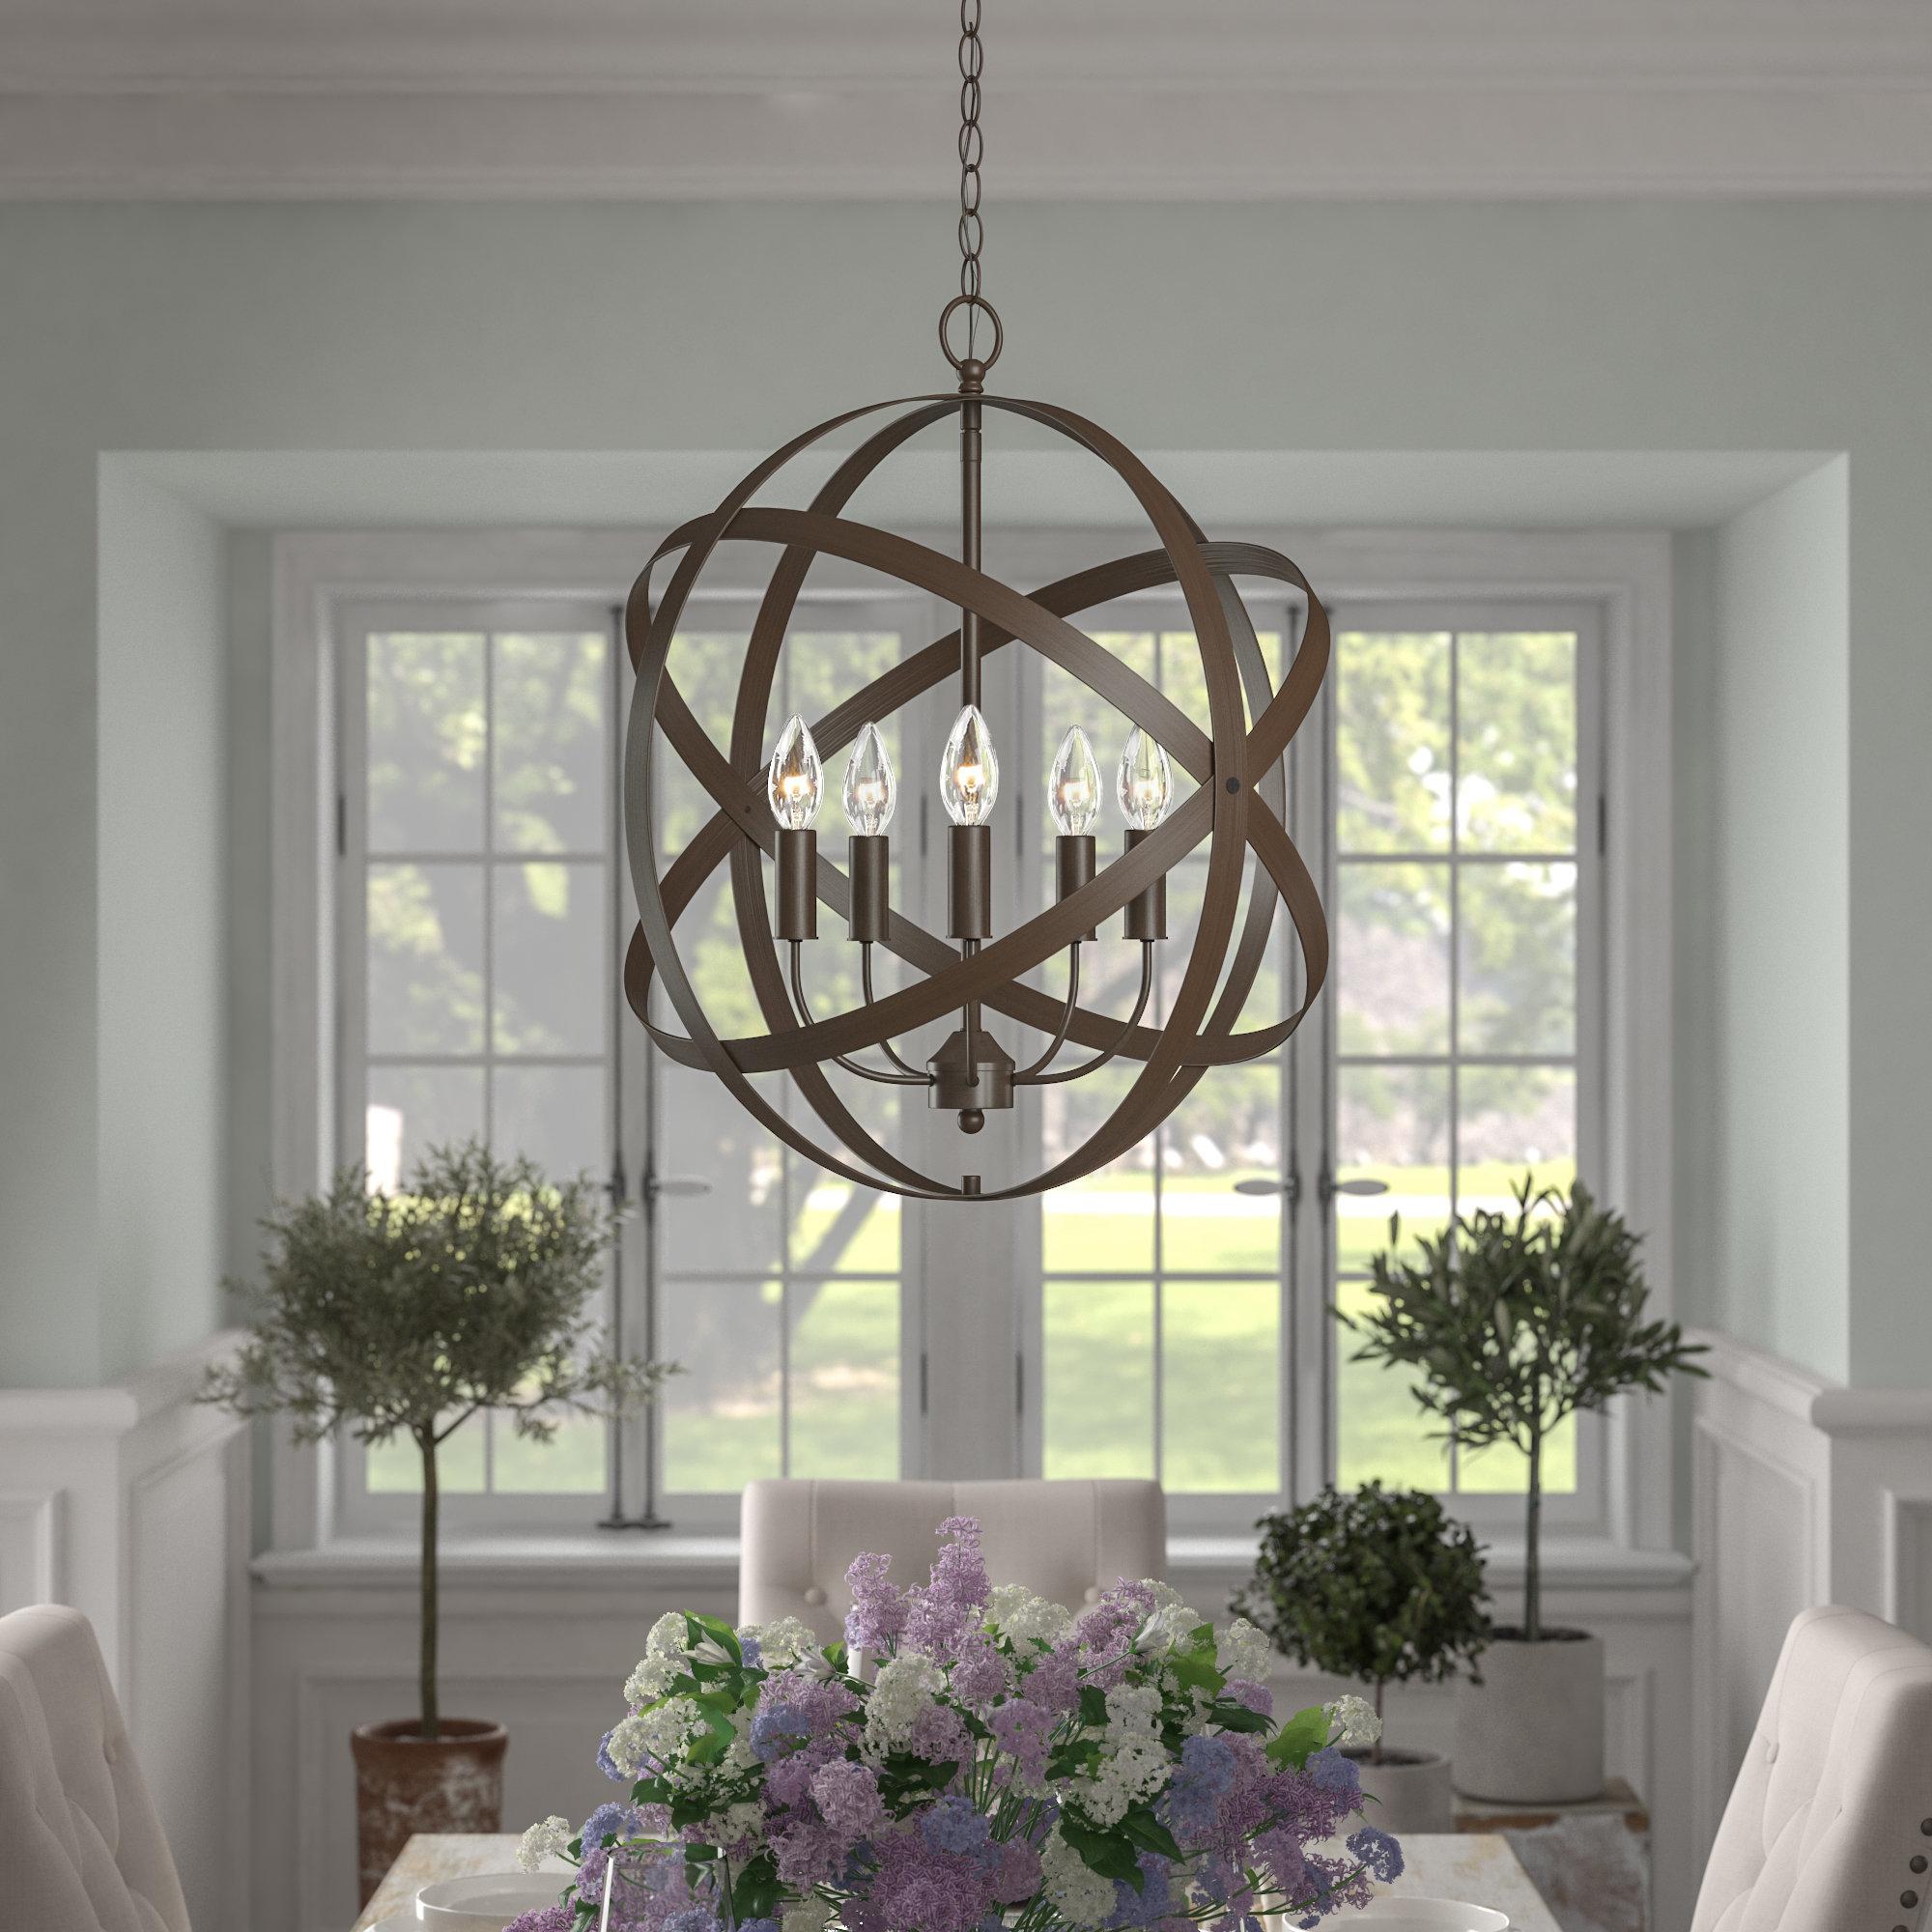 Della 5 Light Globe Chandelier Intended For Waldron 5 Light Globe Chandeliers (Gallery 6 of 30)